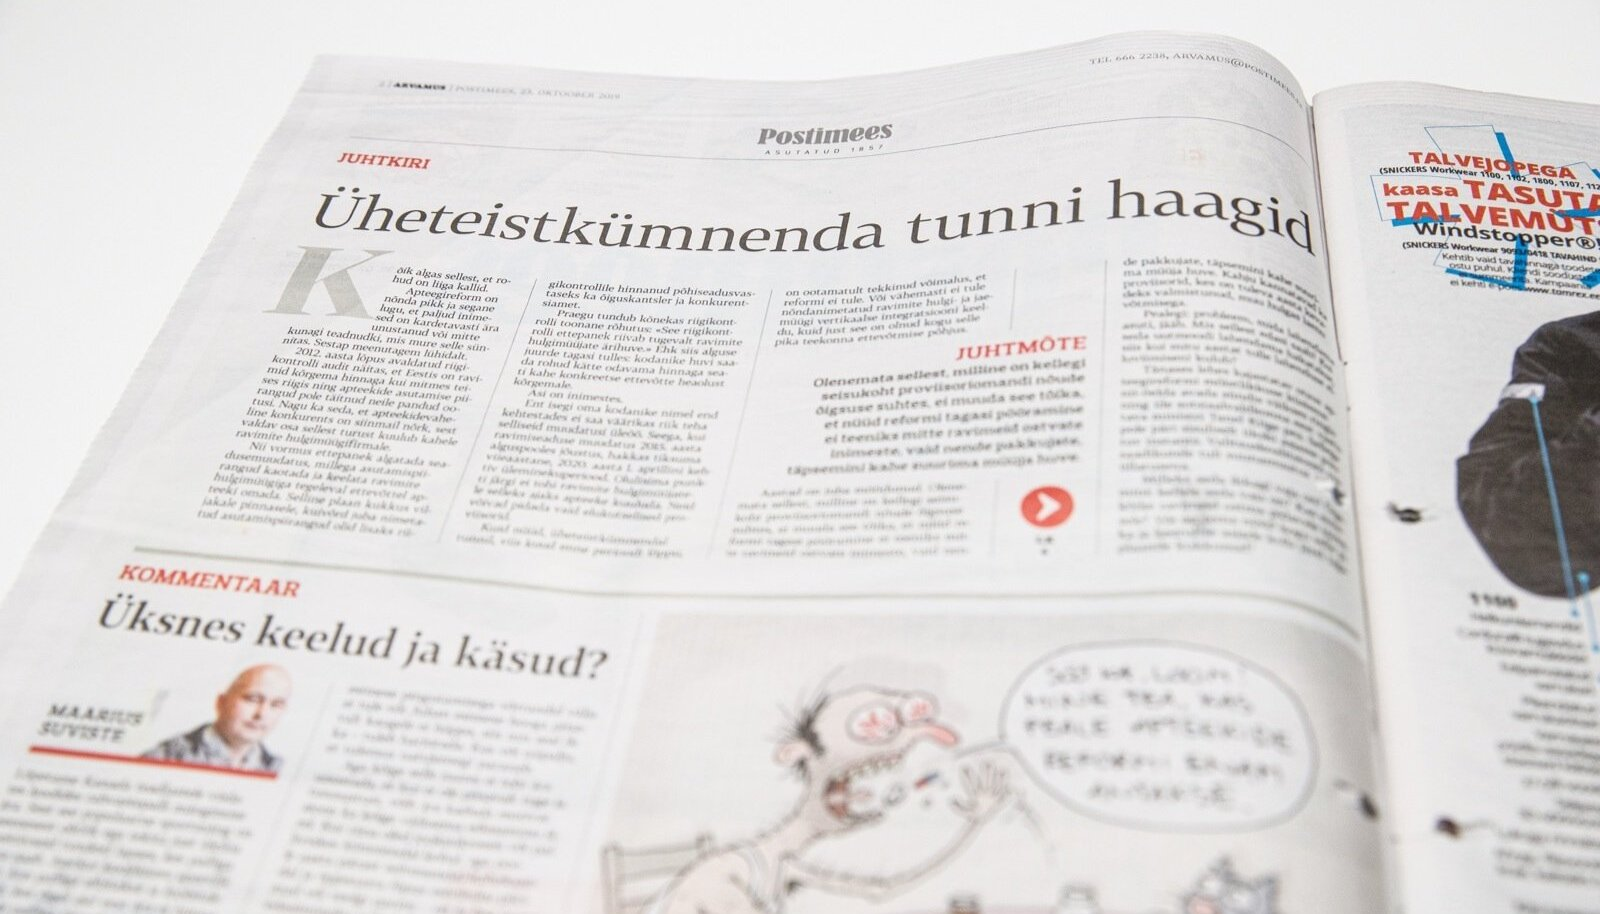 Postimehe juhtkiri 23. oktoobril